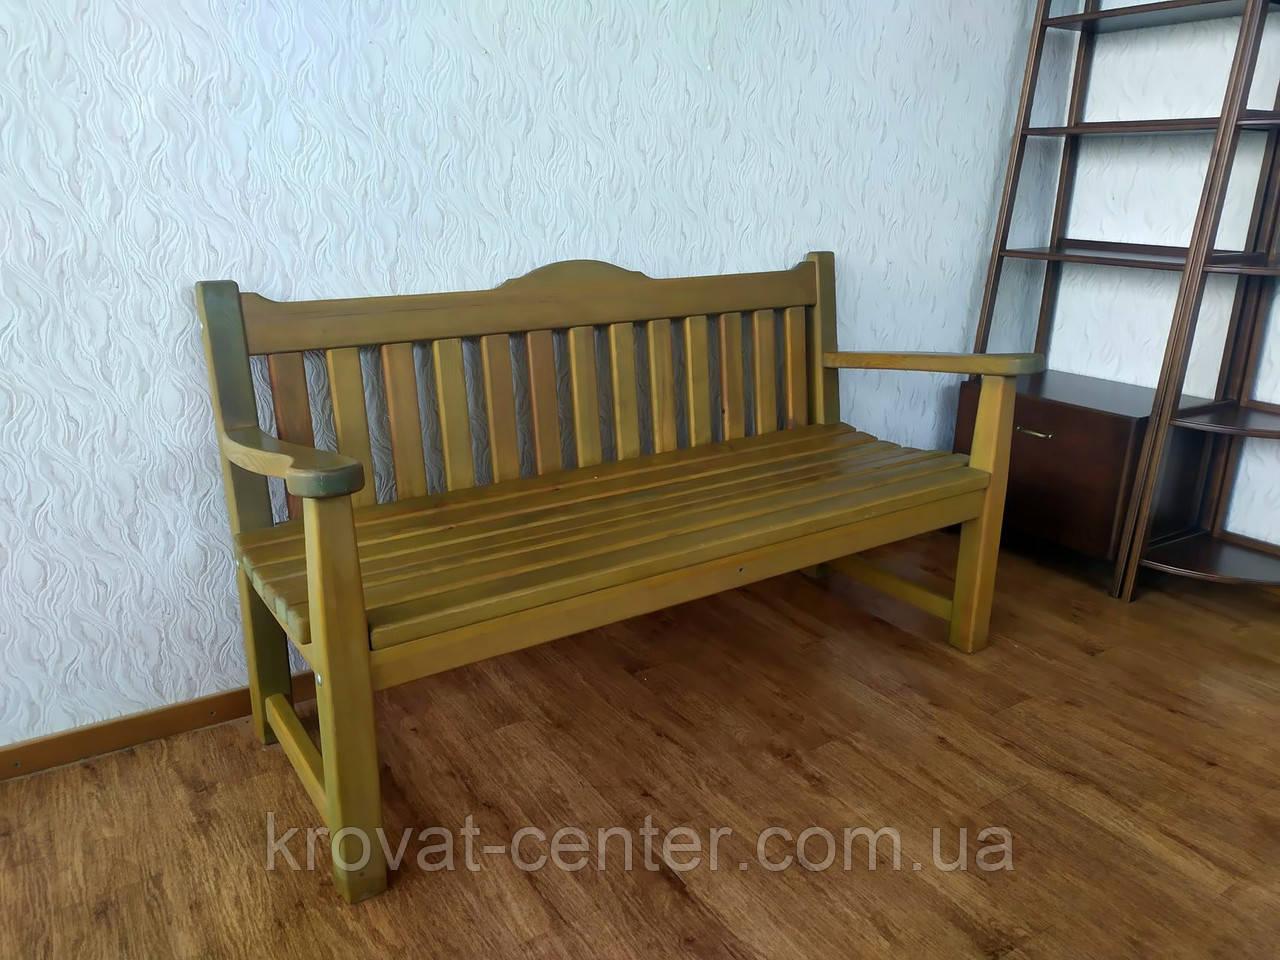 Деревянная скамейка со спинкой из массива дерева сосна от производителя